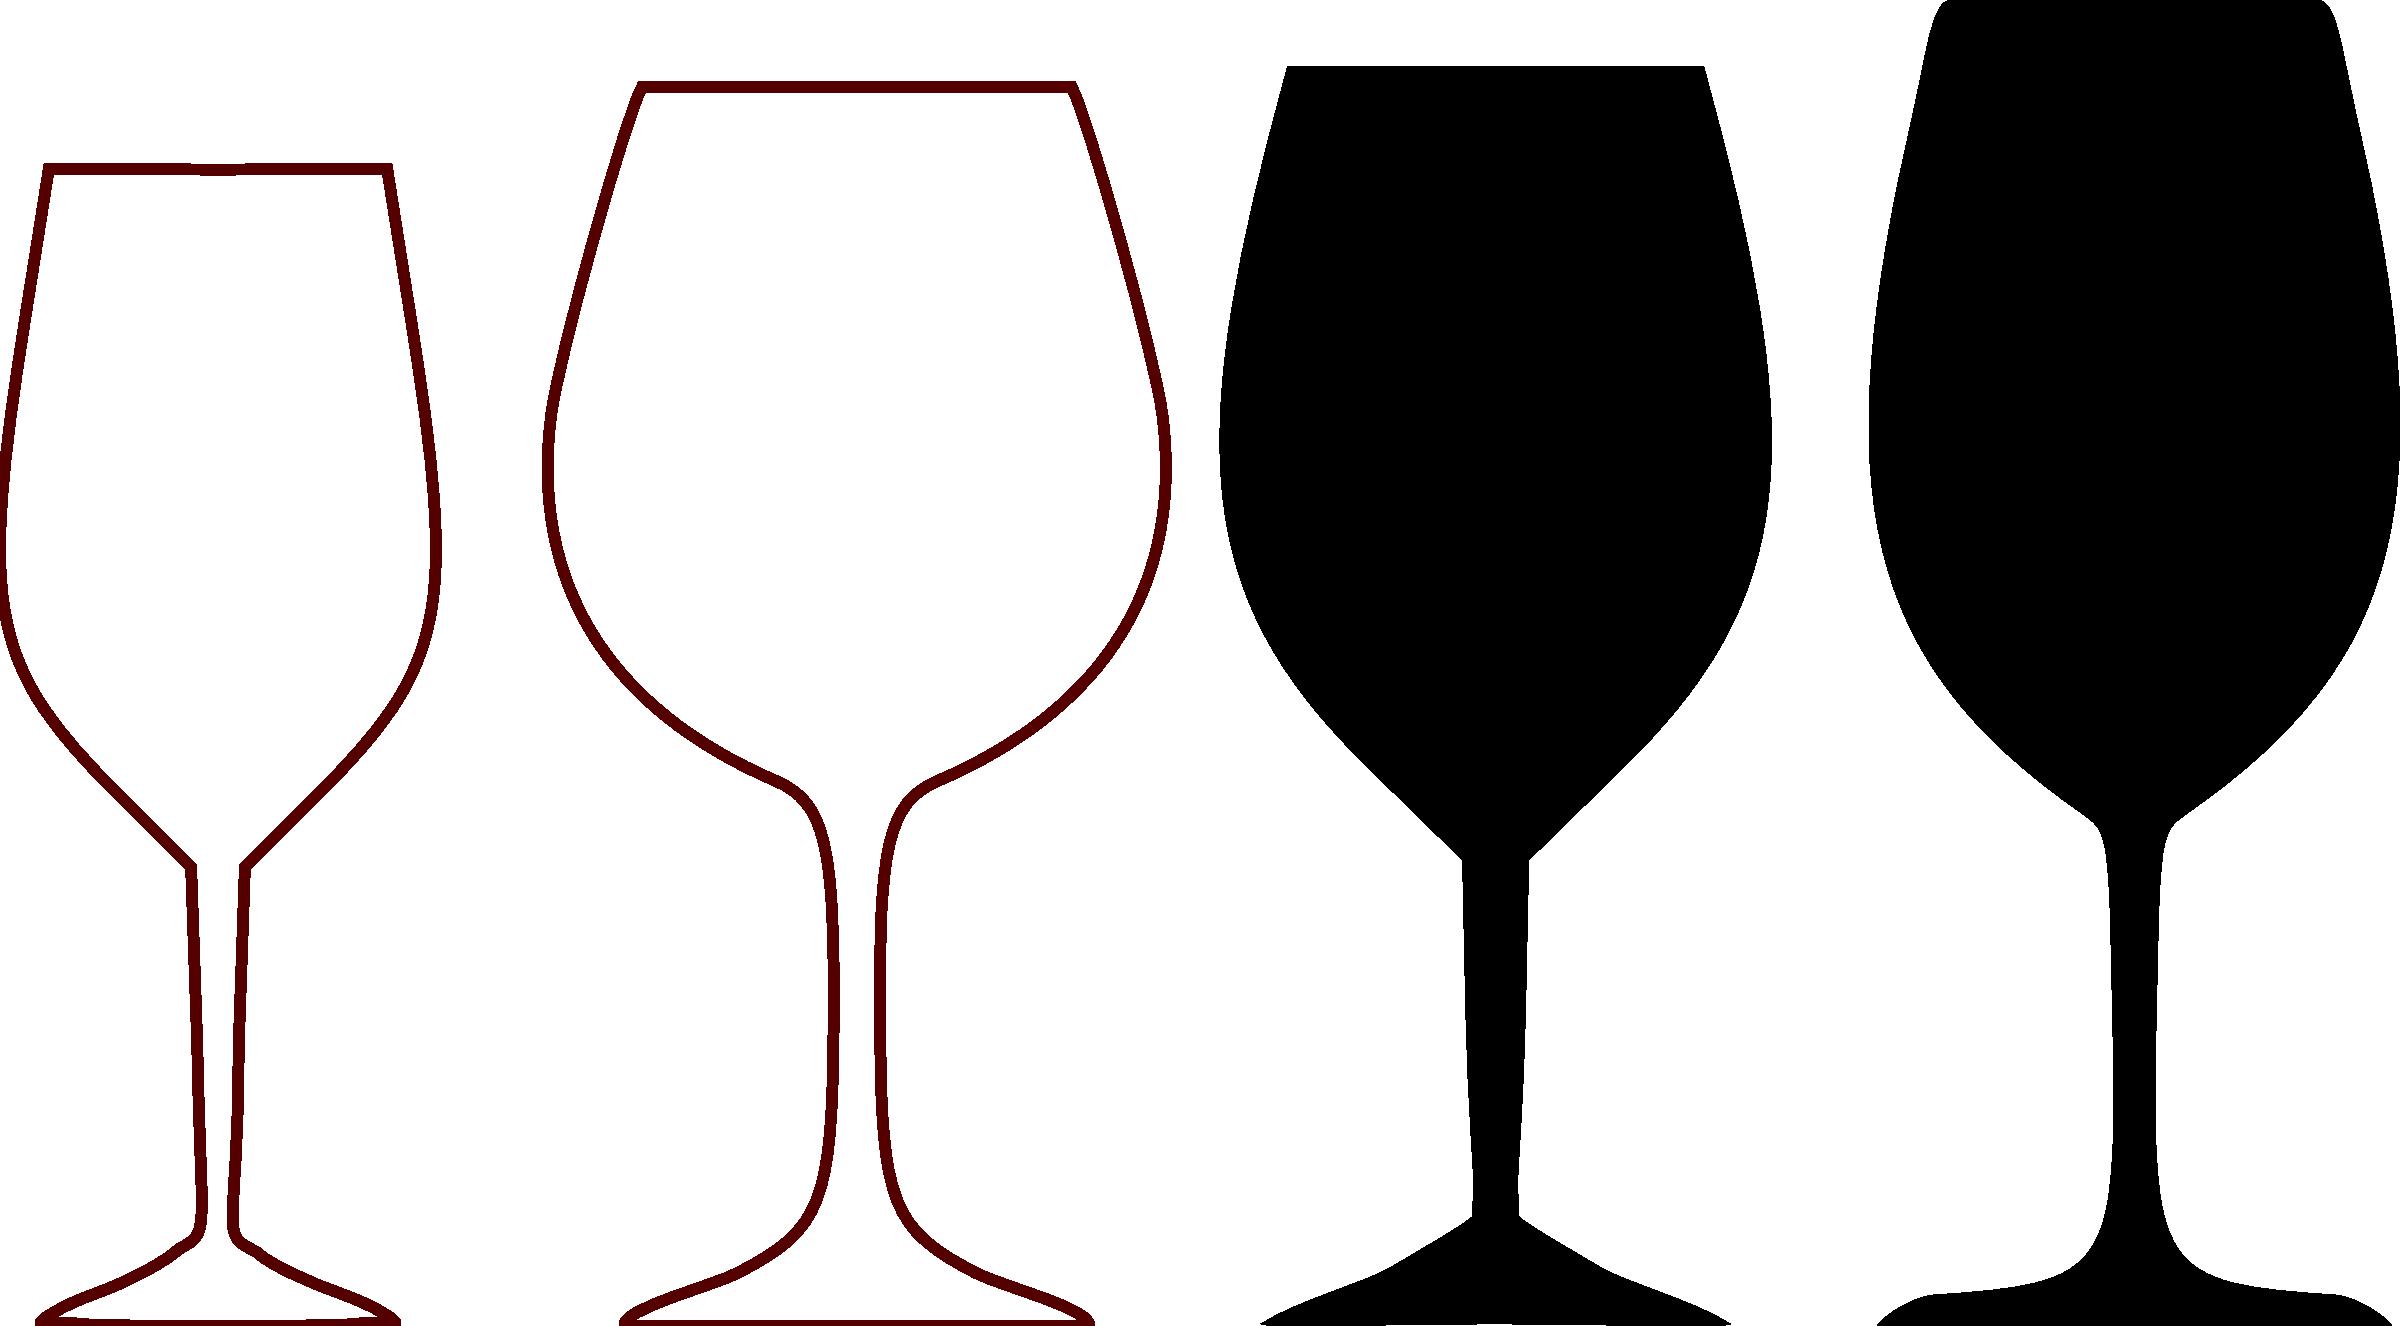 Wine bottle clip art images 3